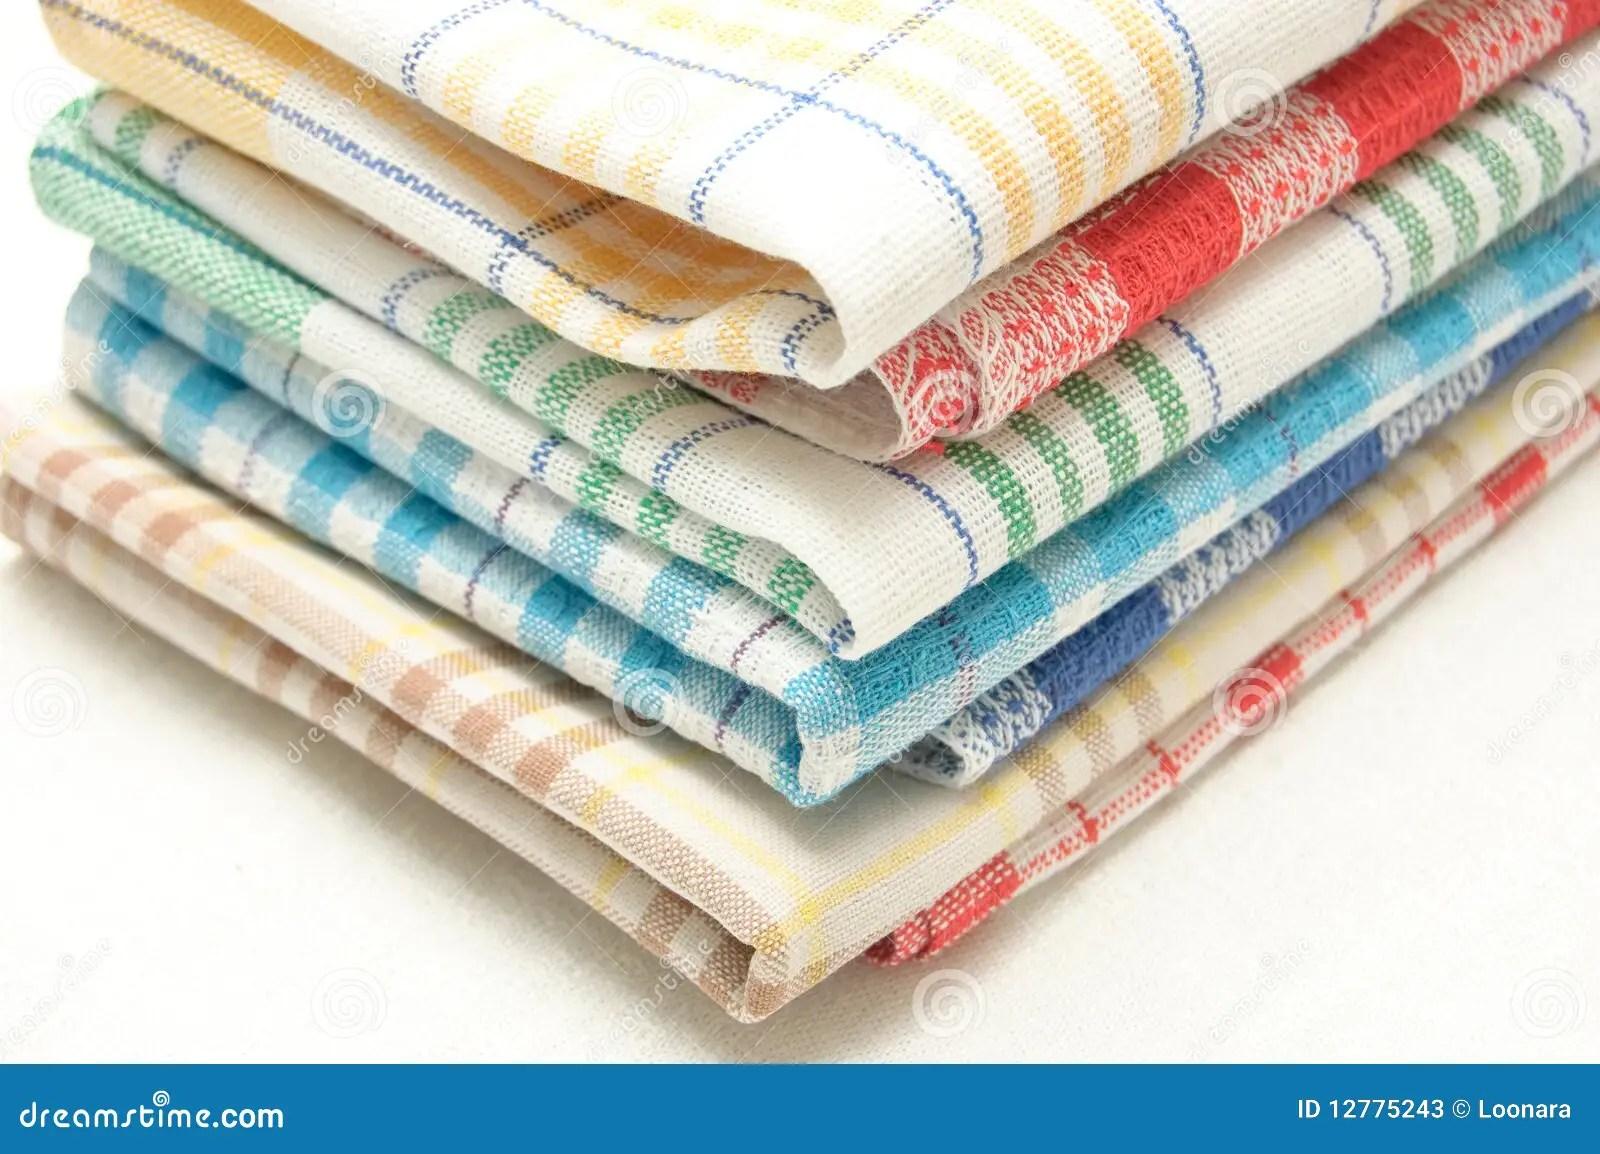 kitchen linens countertop resurfacing 厨房亚麻布毛巾库存图片 图片包括有绿色 纺织品 房子 自然 洗衣店 厨房亚麻布毛巾